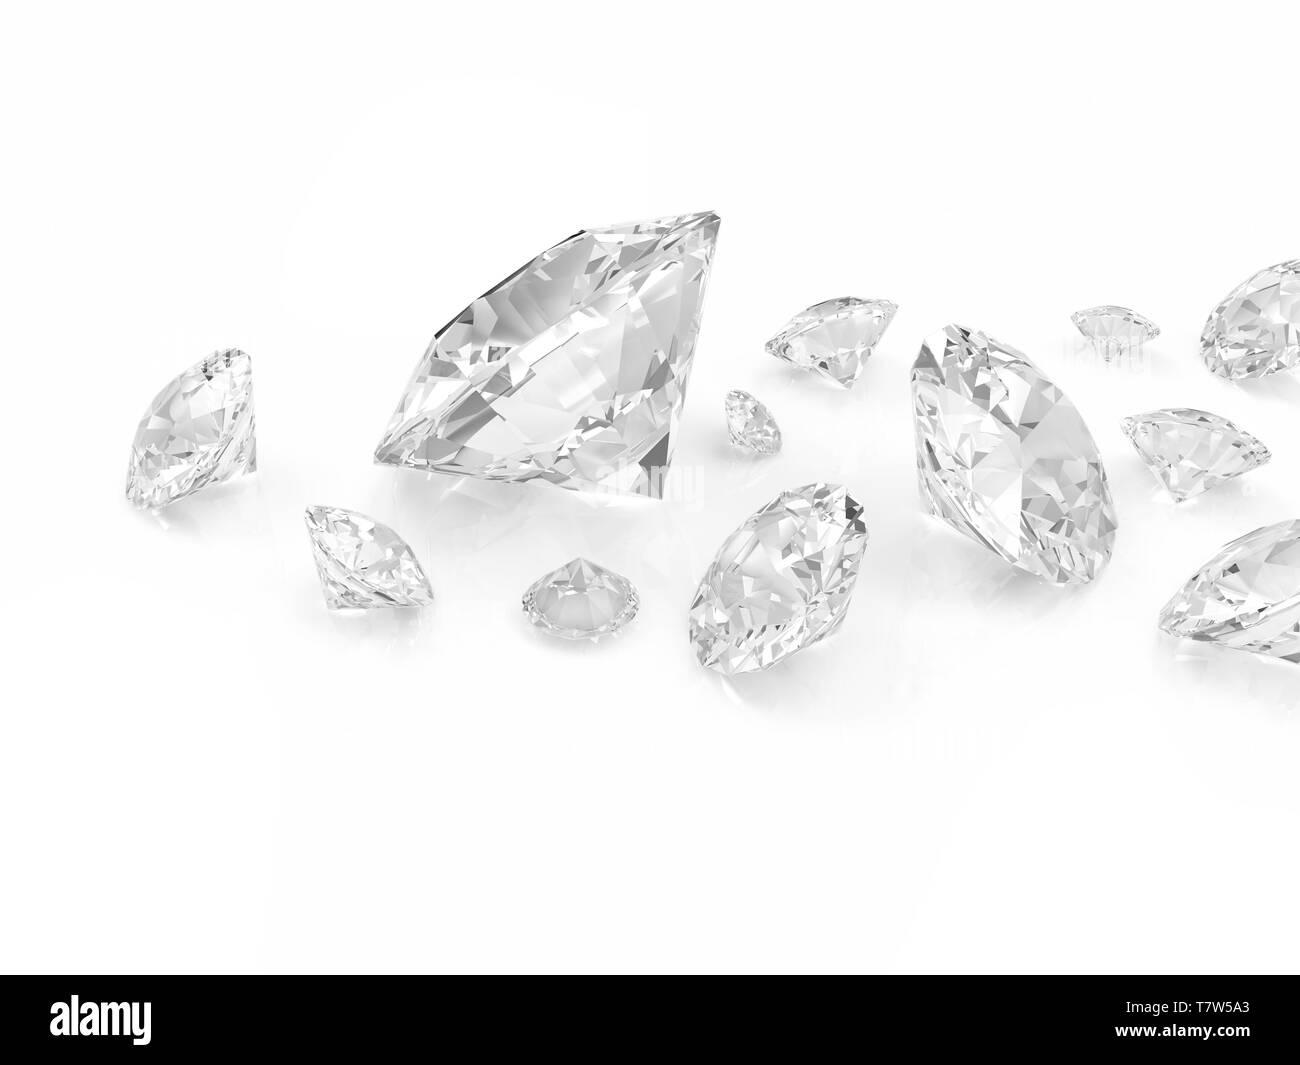 Diamonds isolated on white background - Stock Image